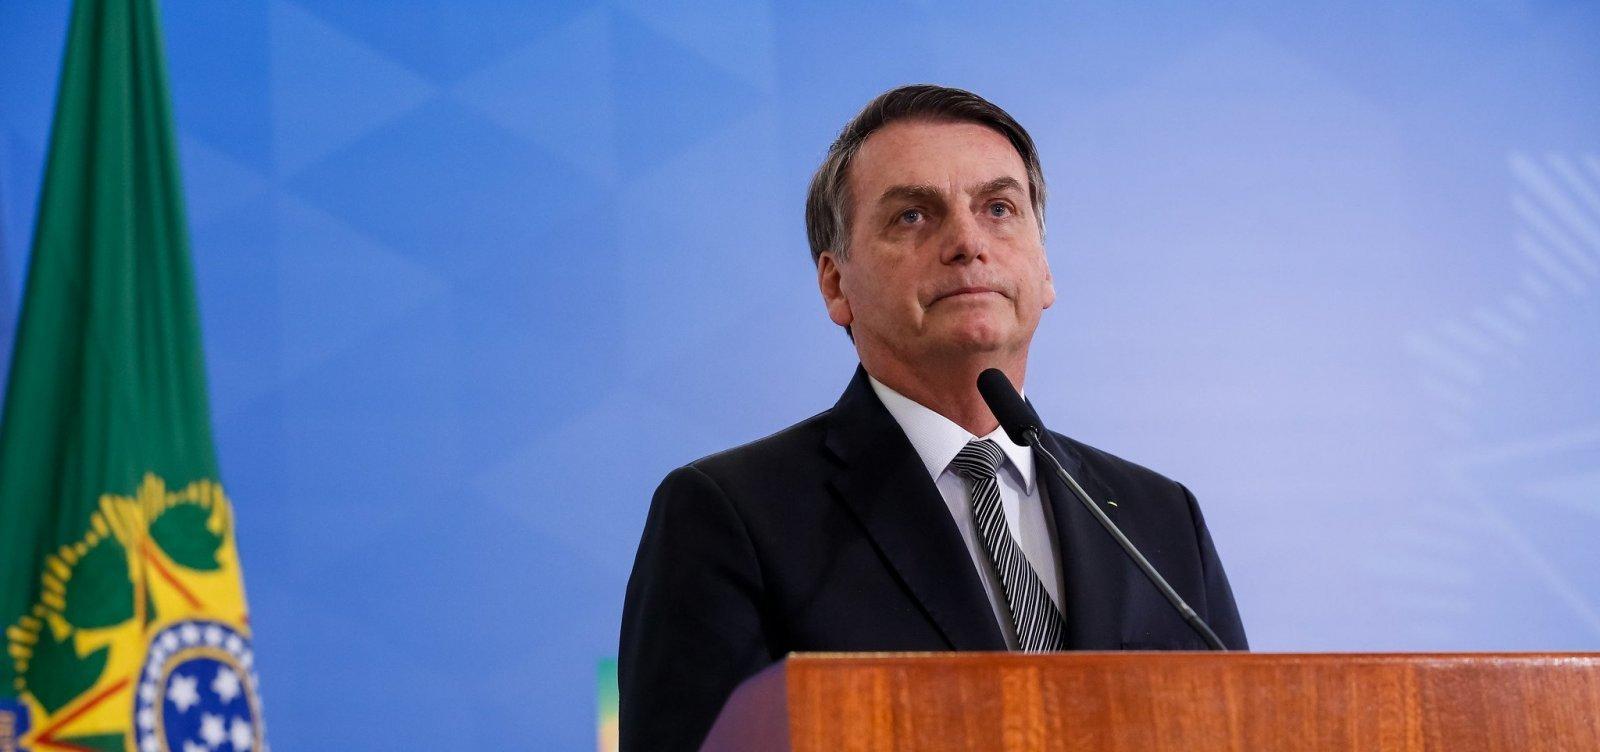 Bolsonaro chega em São Paulo onde será avaliada necessidade de cirurgia de emergência